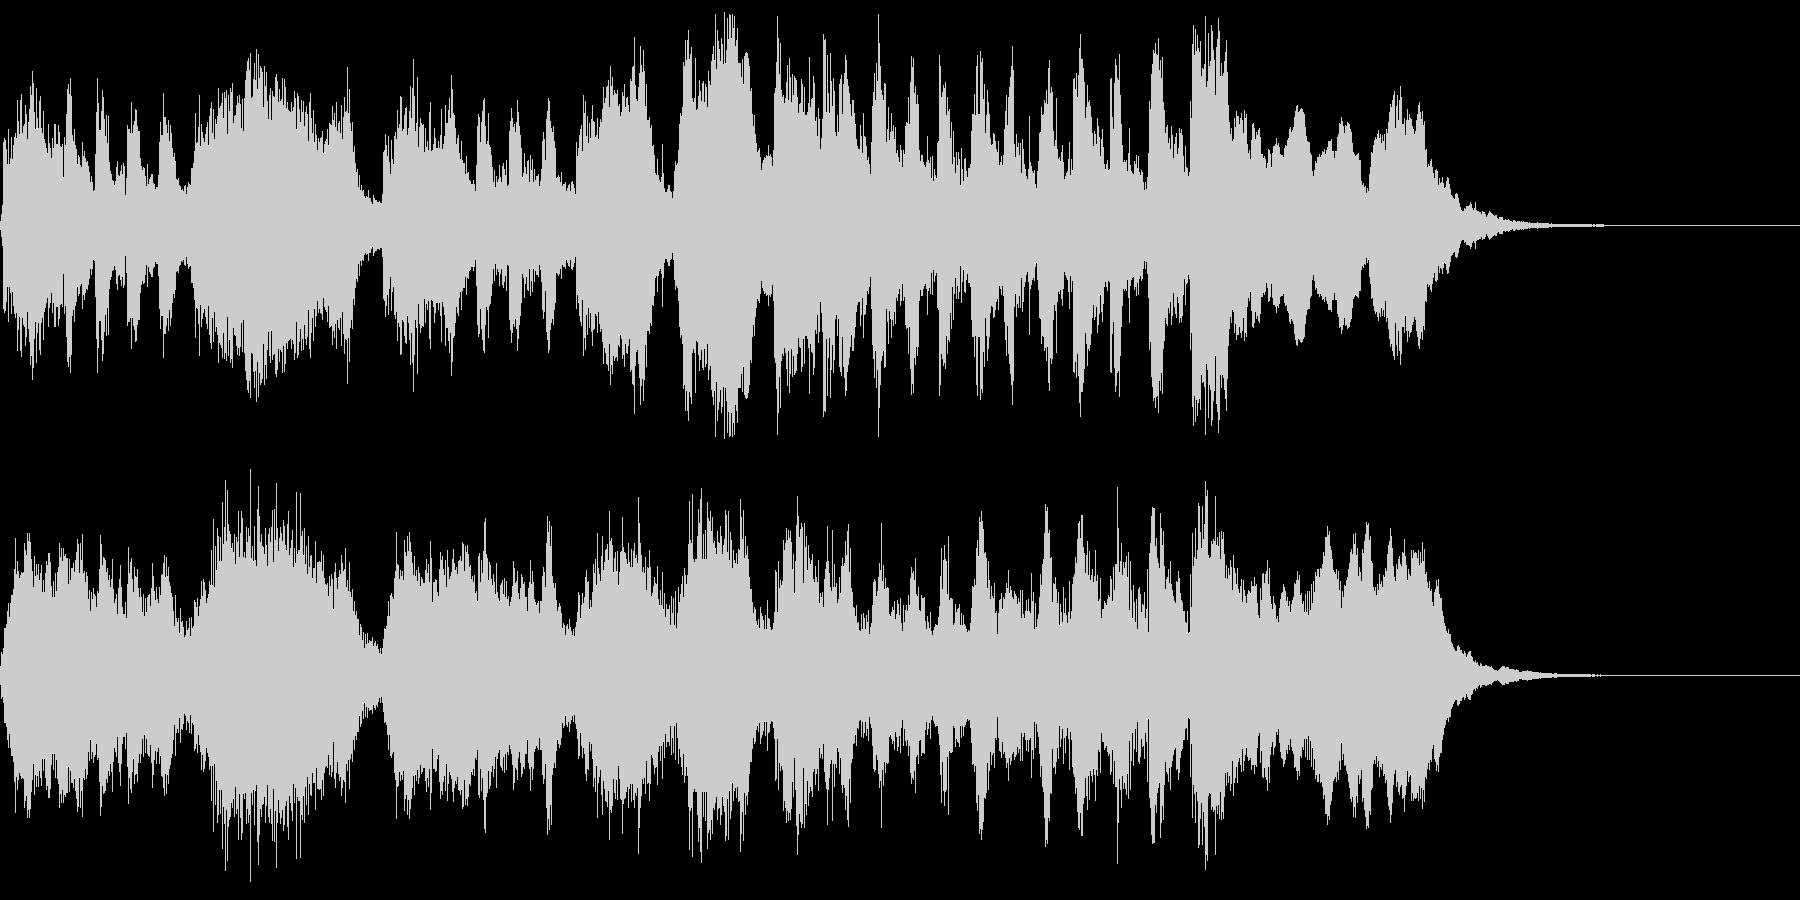 ファンファーレ 打楽器なしの未再生の波形